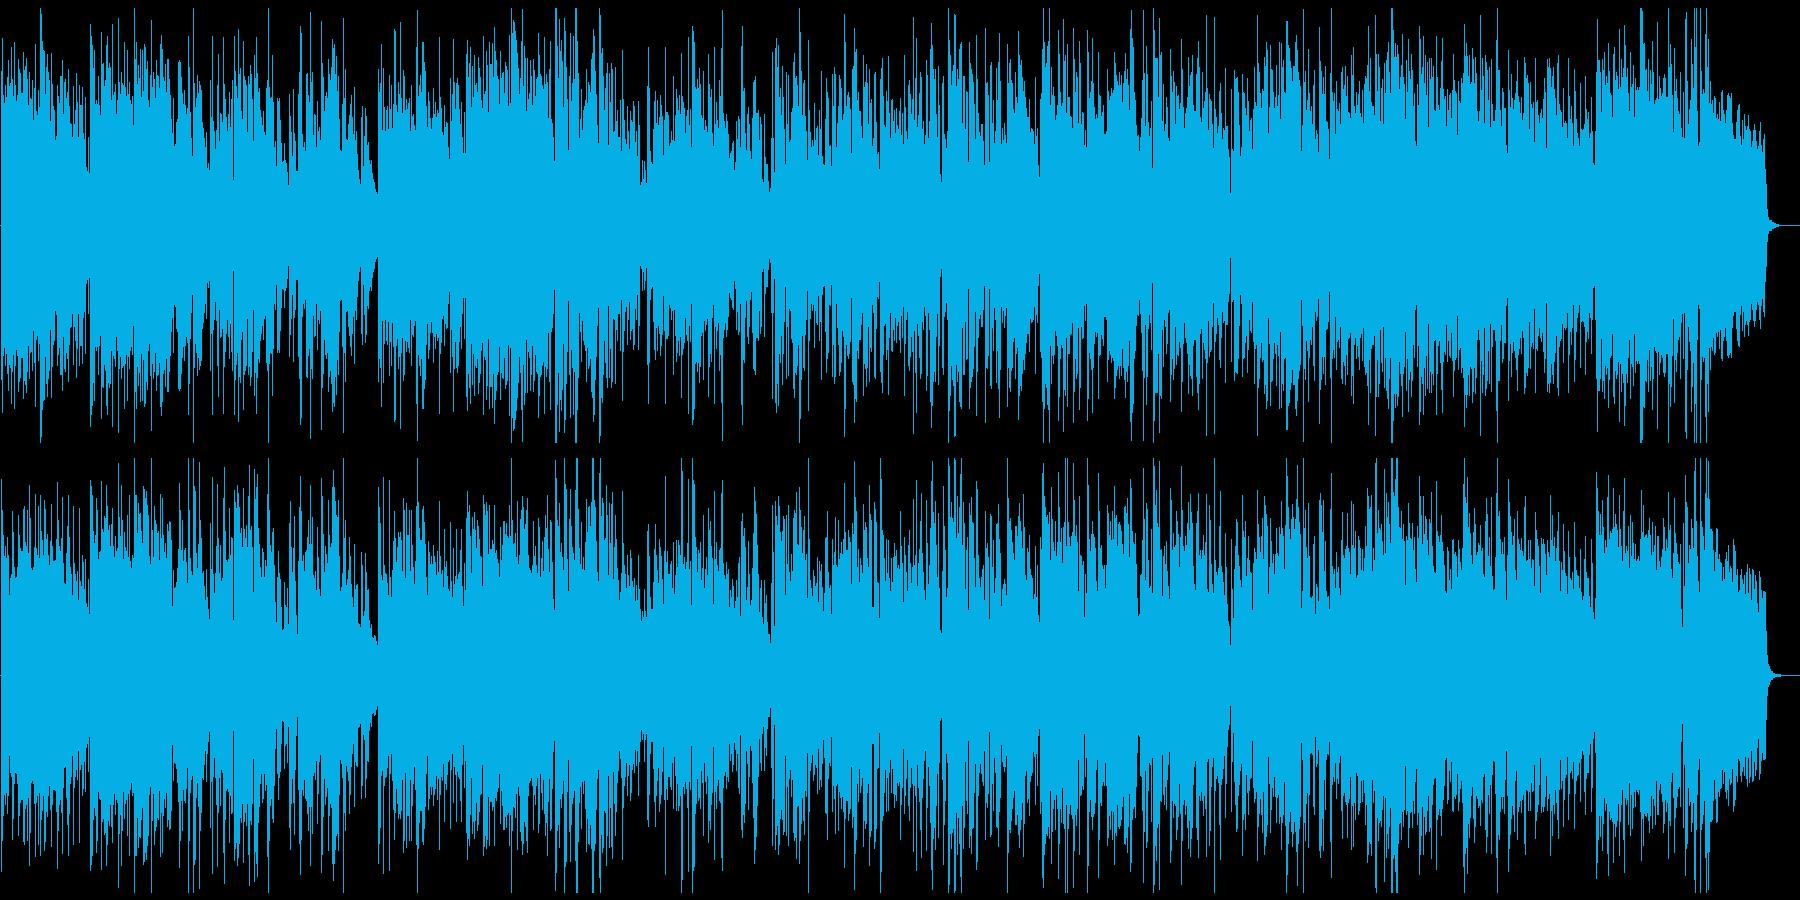 何かが始まる予感なアコースティックジャズの再生済みの波形